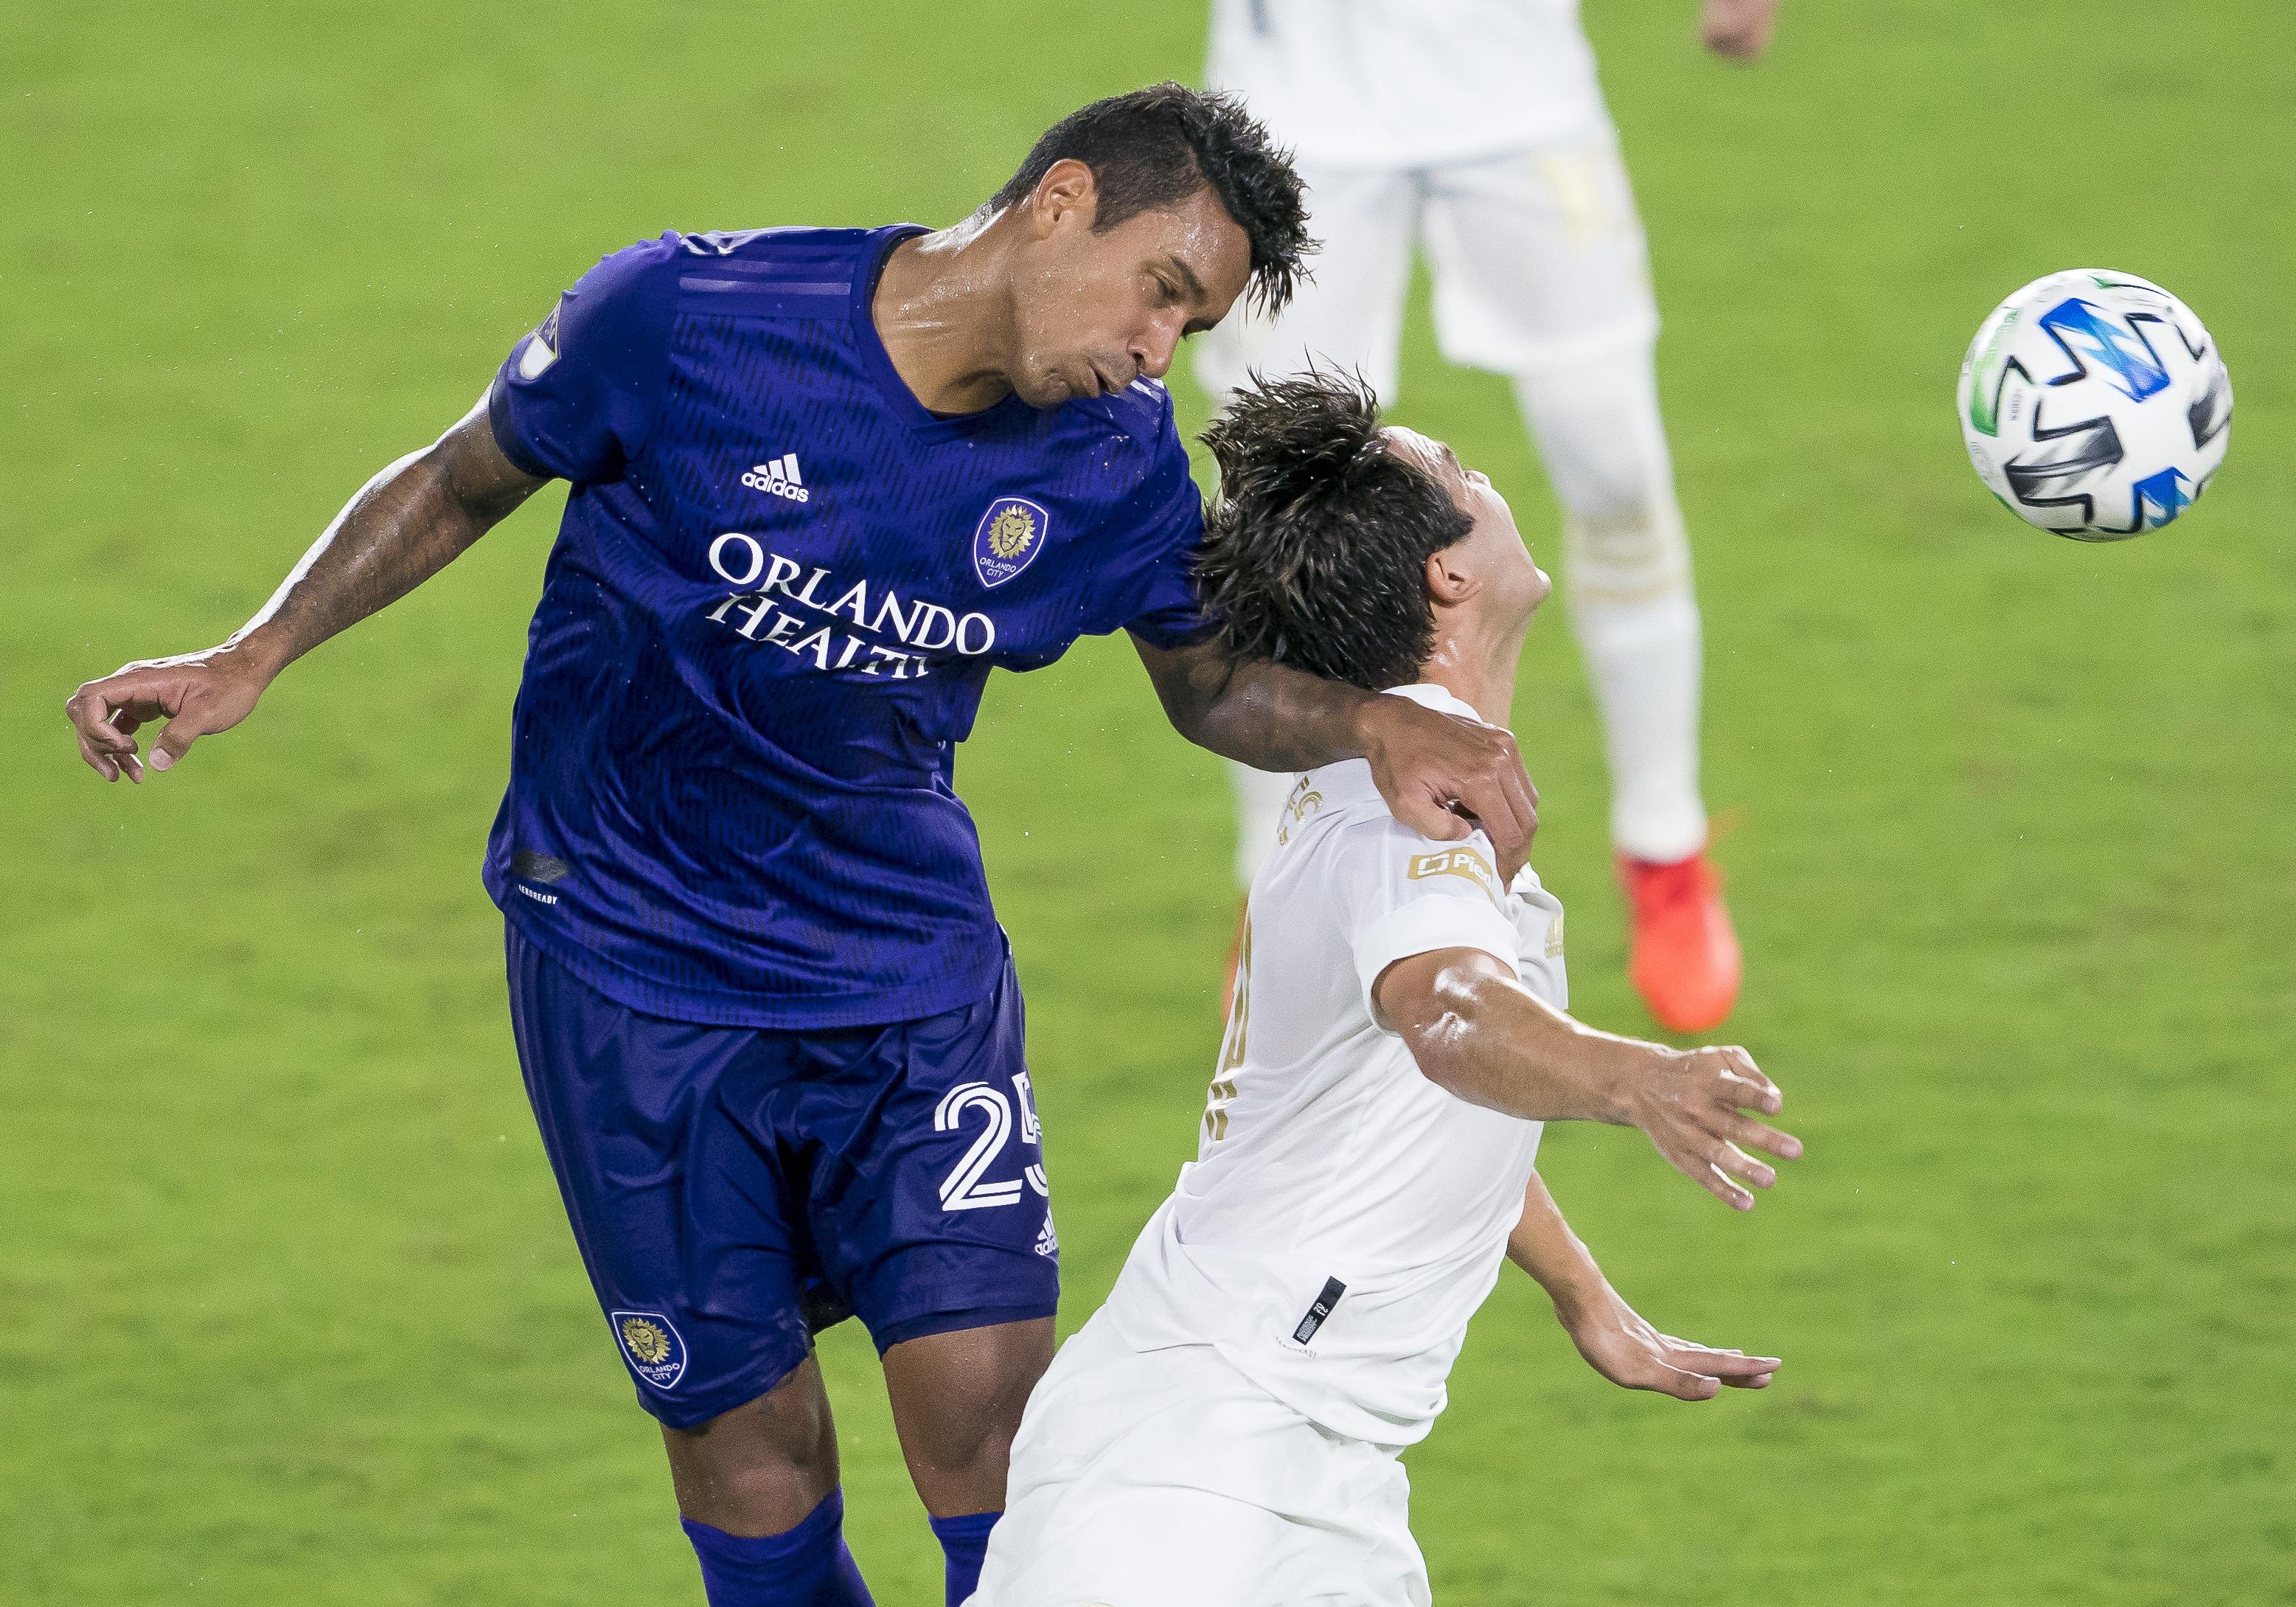 SOCCER: OCT 28 MLS - Atlanta United FC at Orlando City SC